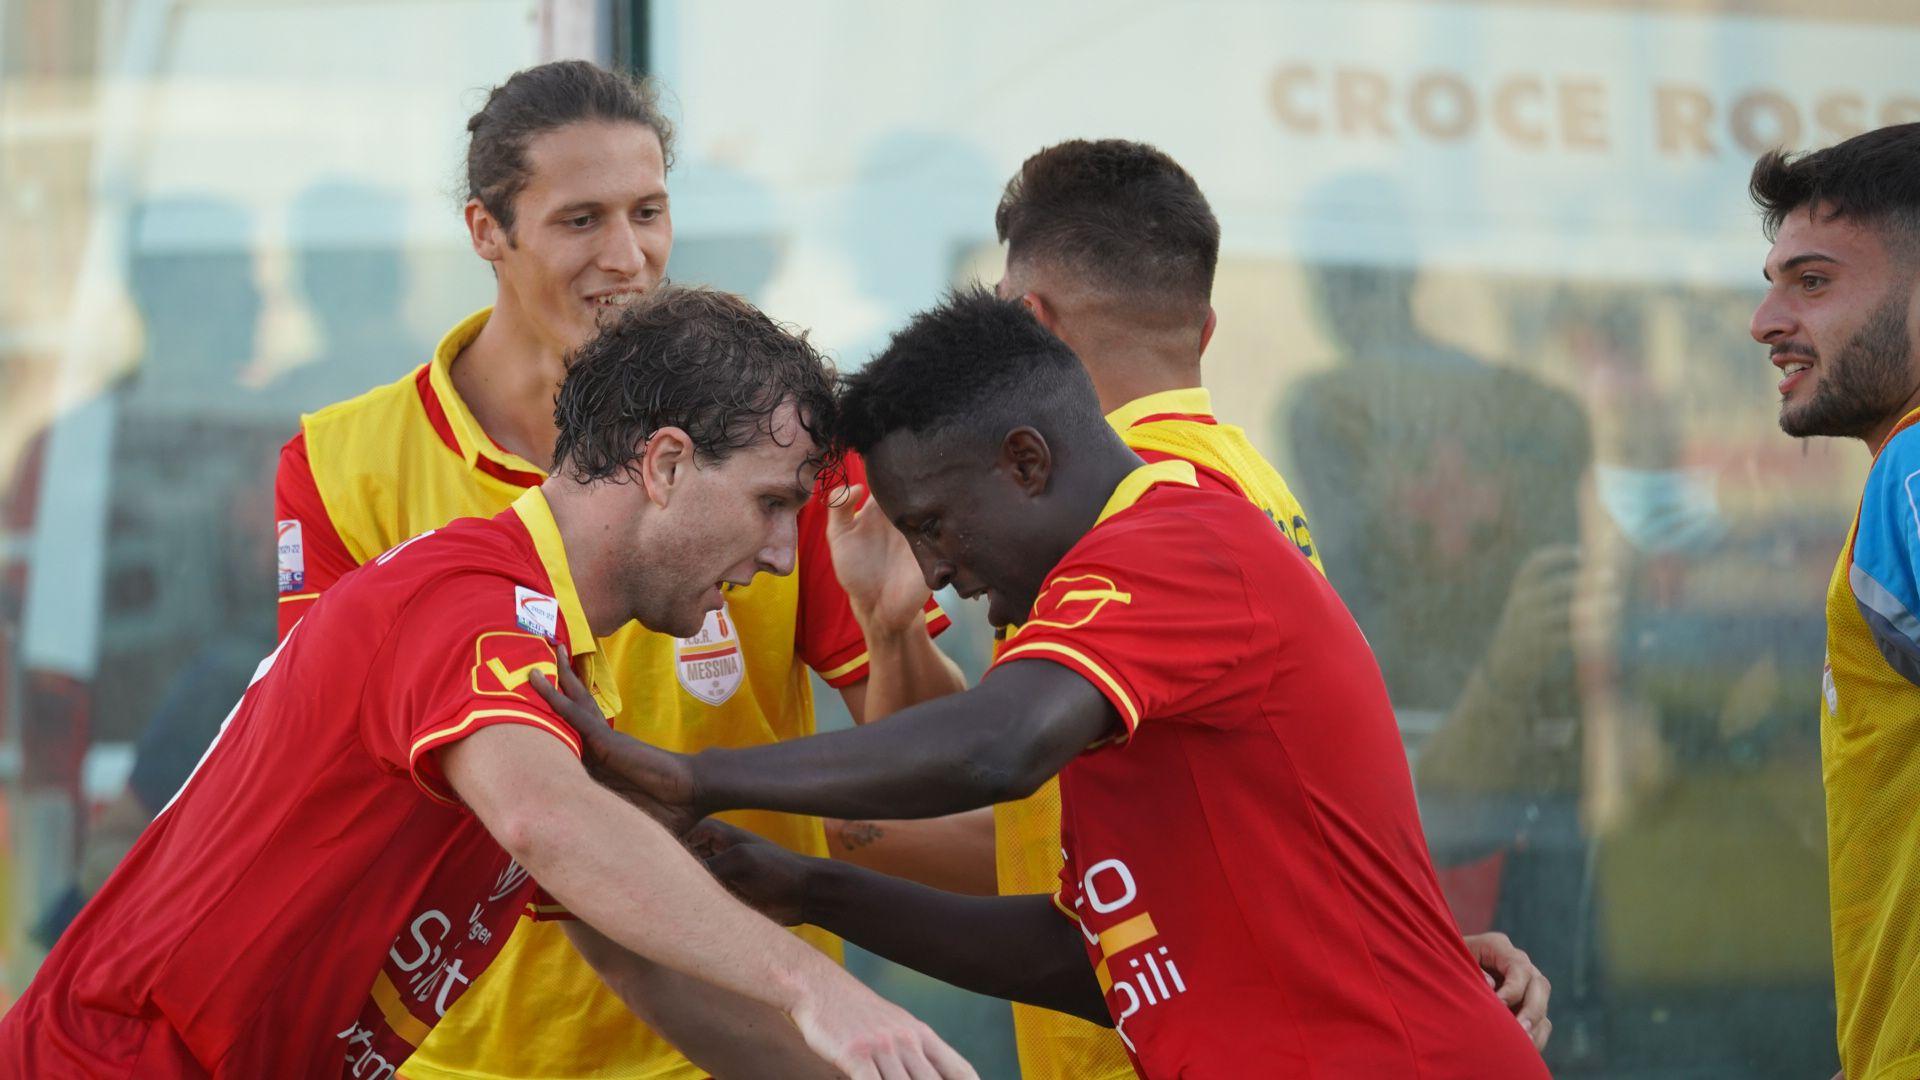 Serie C, 2^ giornata: Monopoli a punteggio pieno, Foggia e Bari a valanga